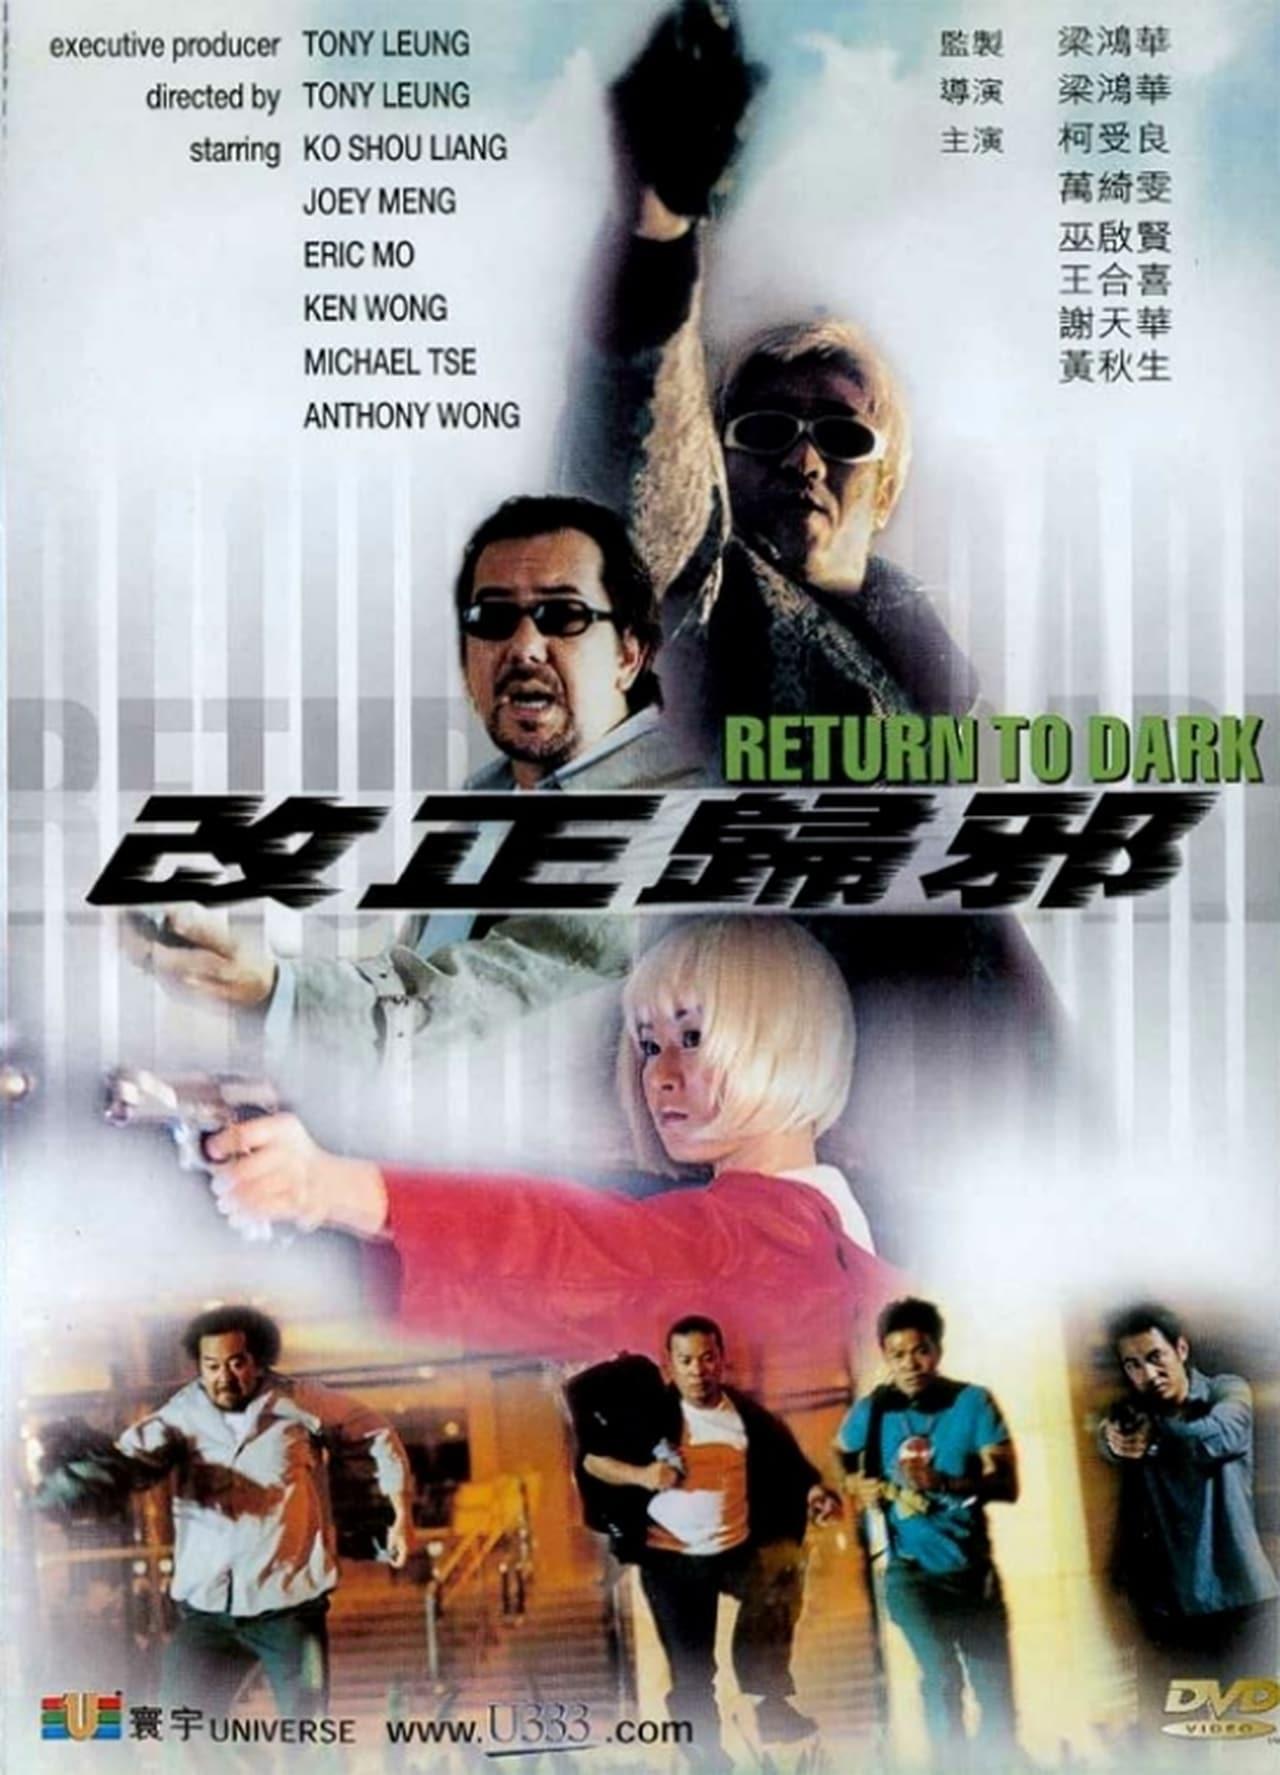 Return to Dark